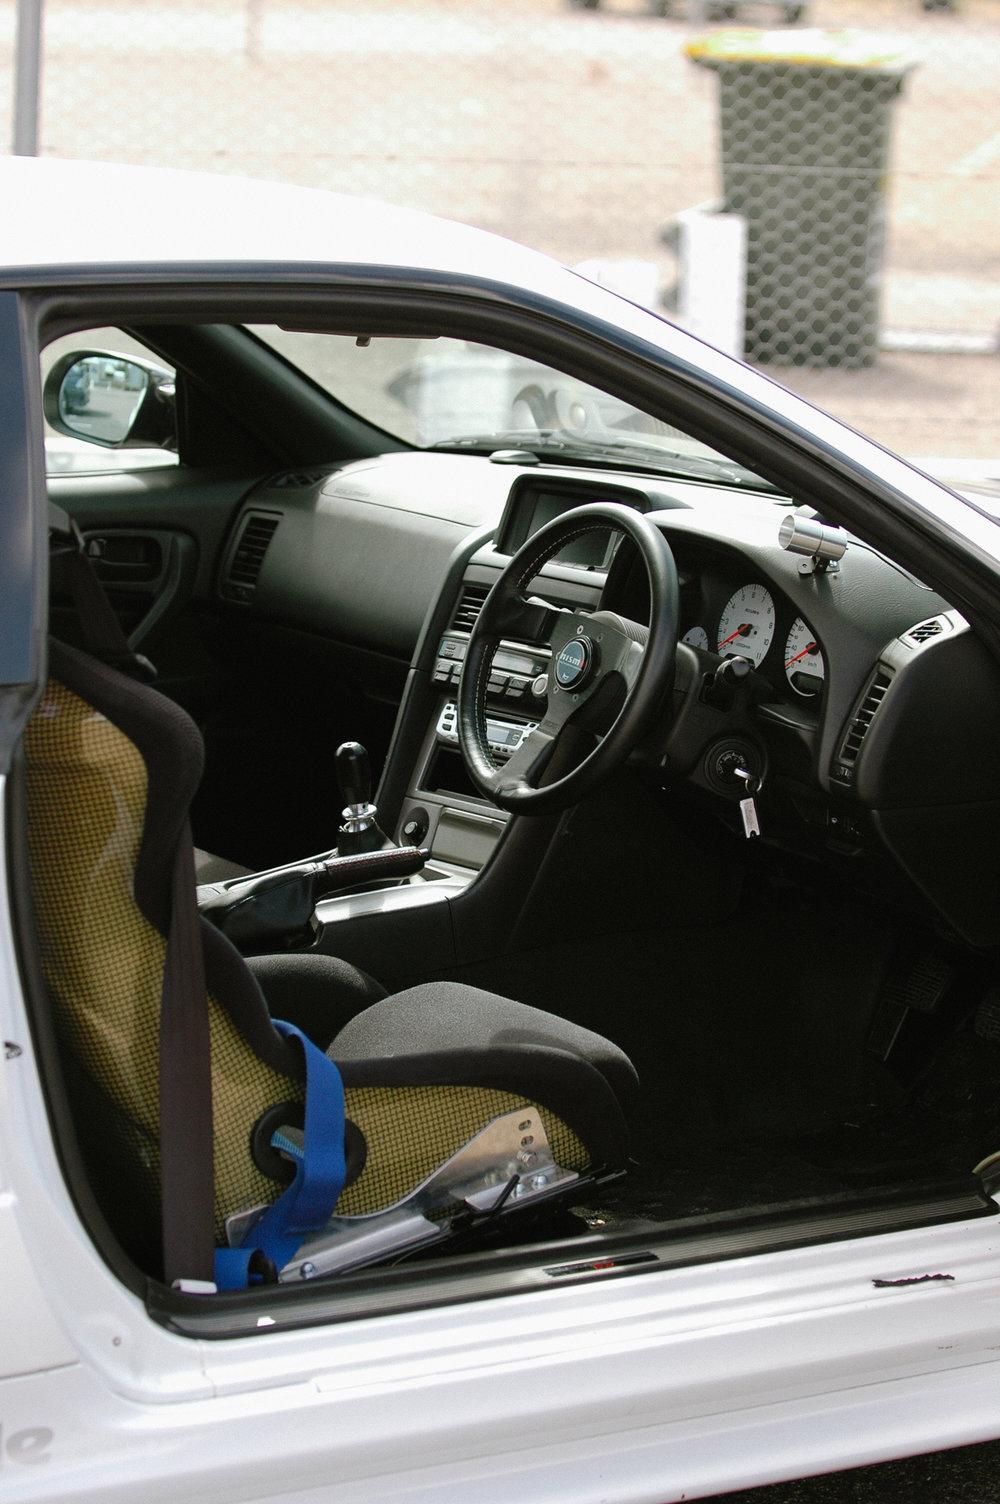 Carbon Kevlar seat